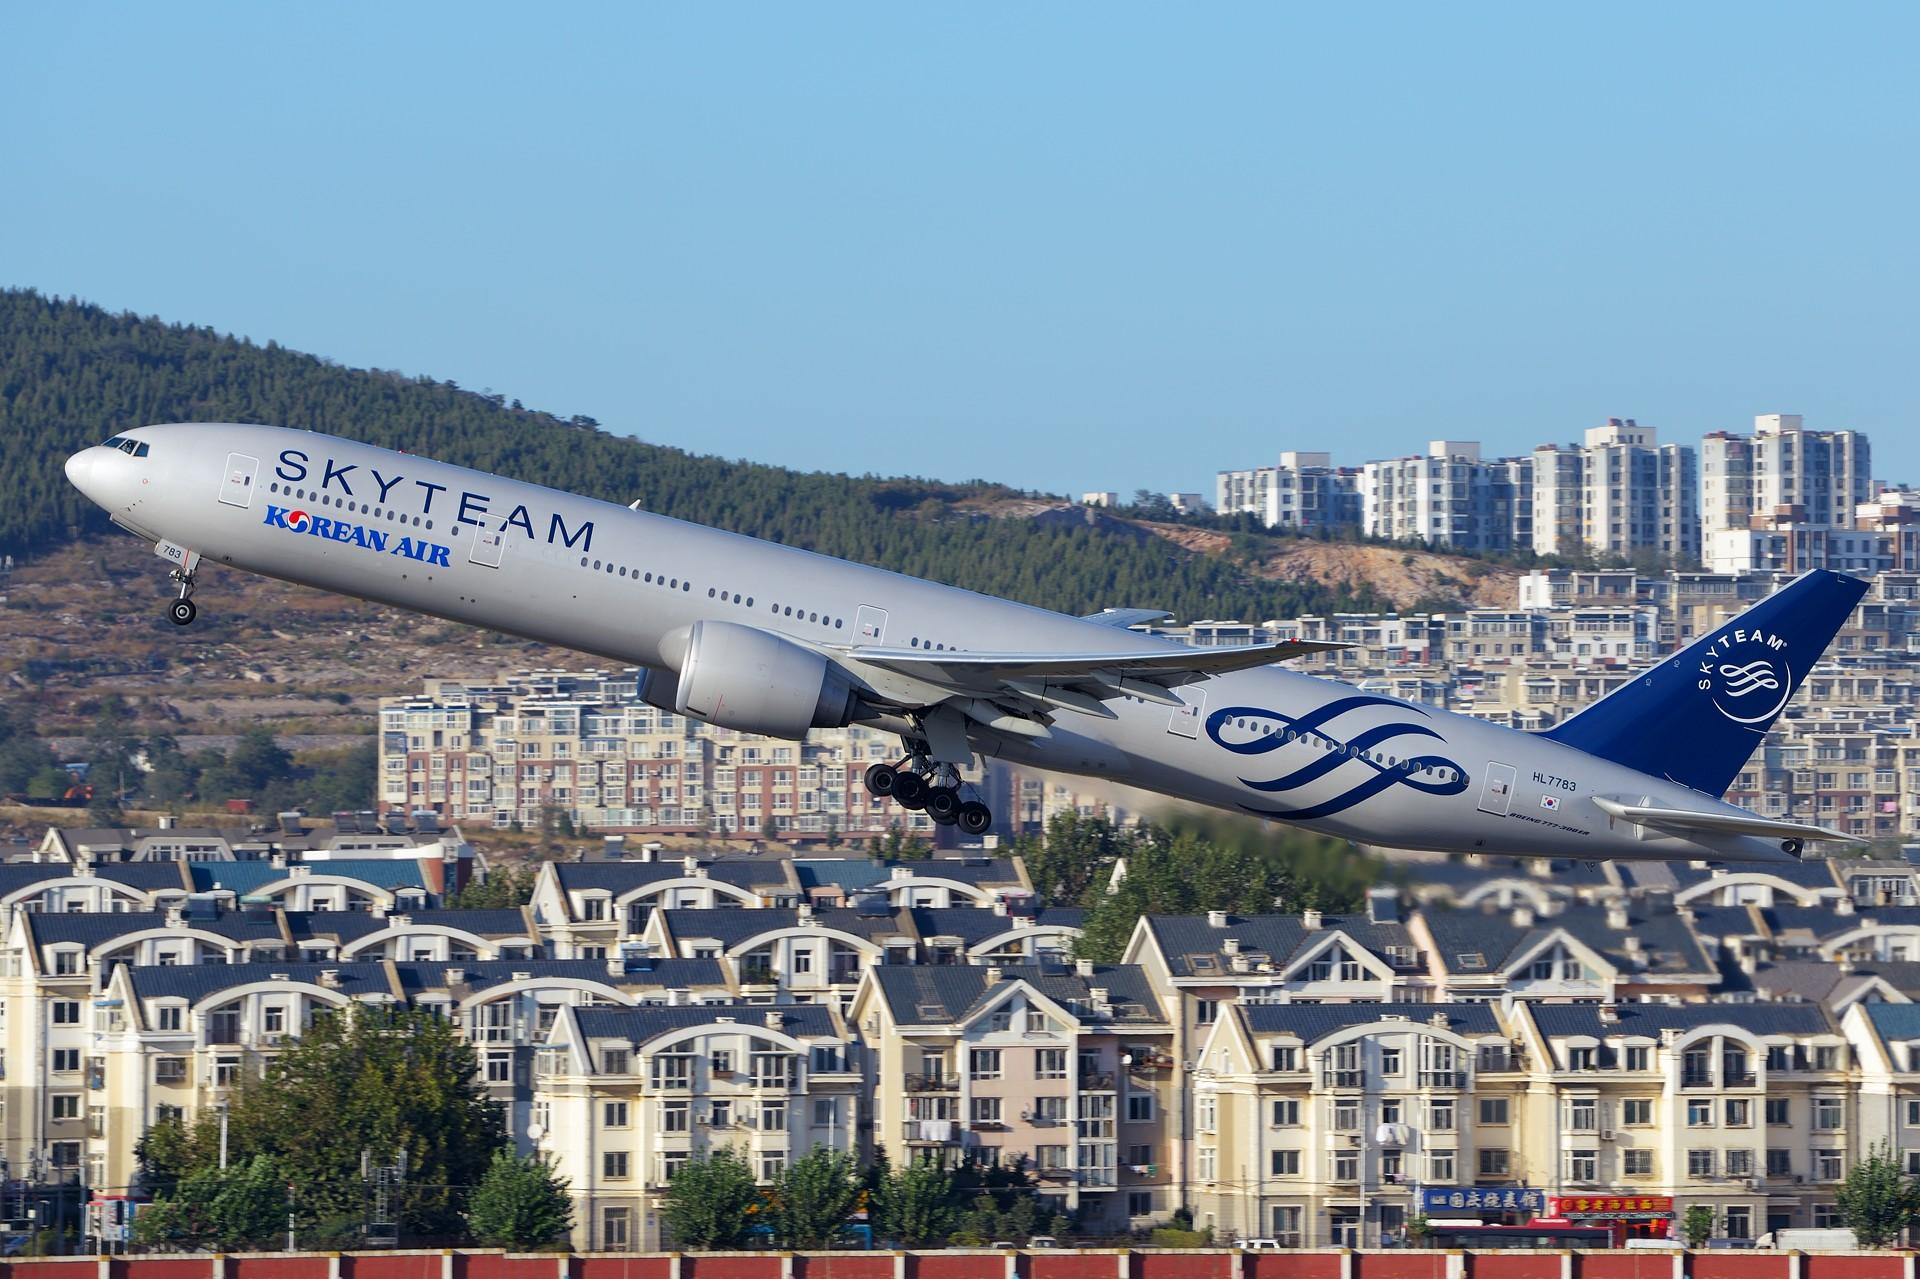 Re:[原创]★[DLC]2016年终总结(持续更新中)★ BOEING 777-300ER HL7783 中国大连国际机场